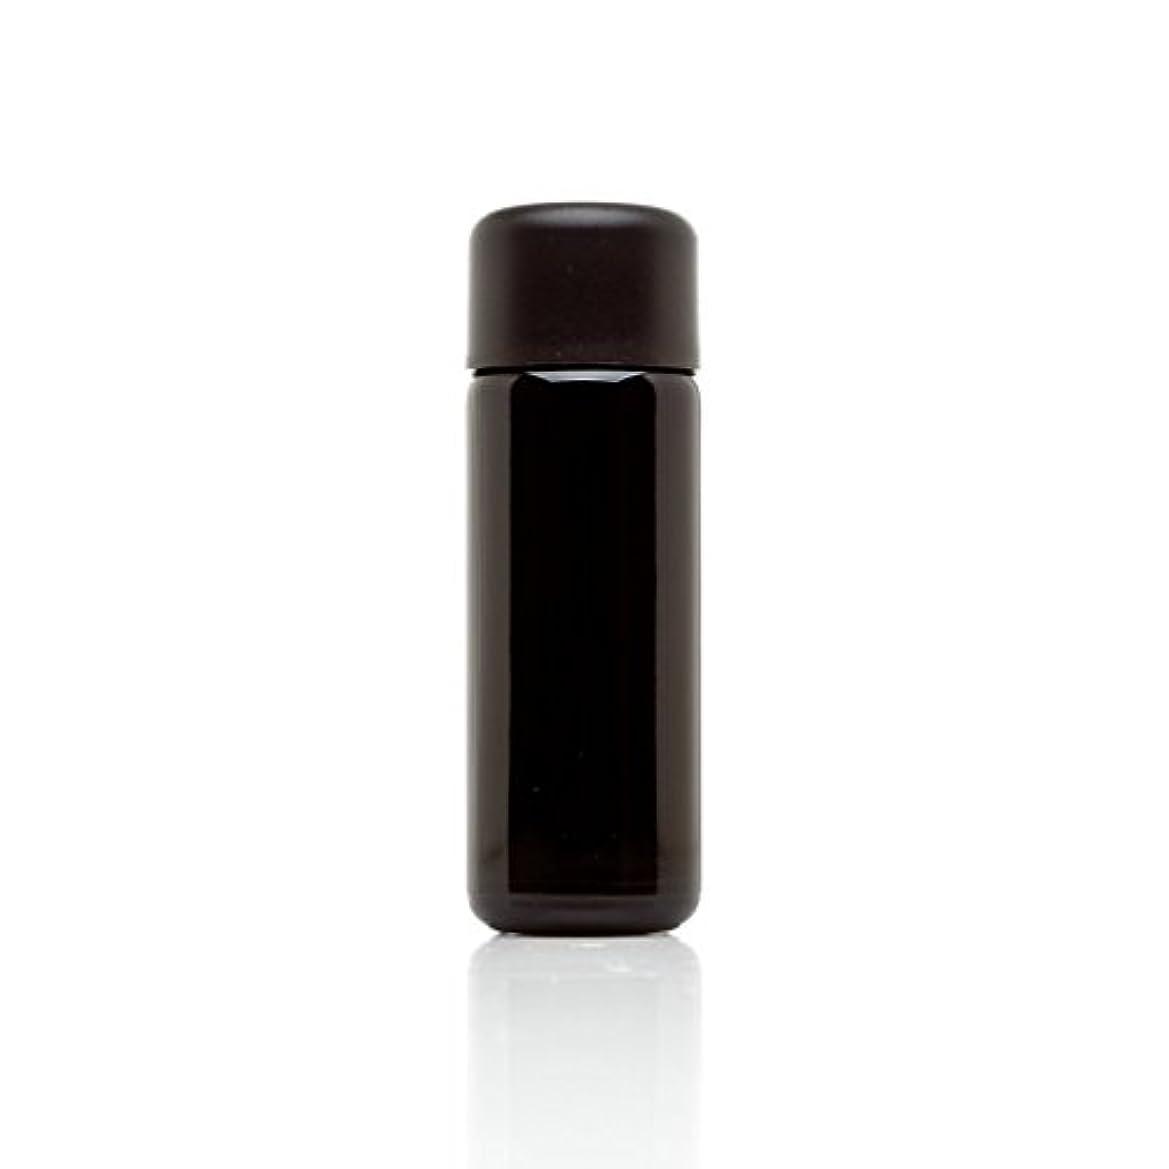 エラー傾向がある余暇infinity Jars 50 ml (1.7 FL OZ) ブラック紫外線ガラスSlow Pourボトル